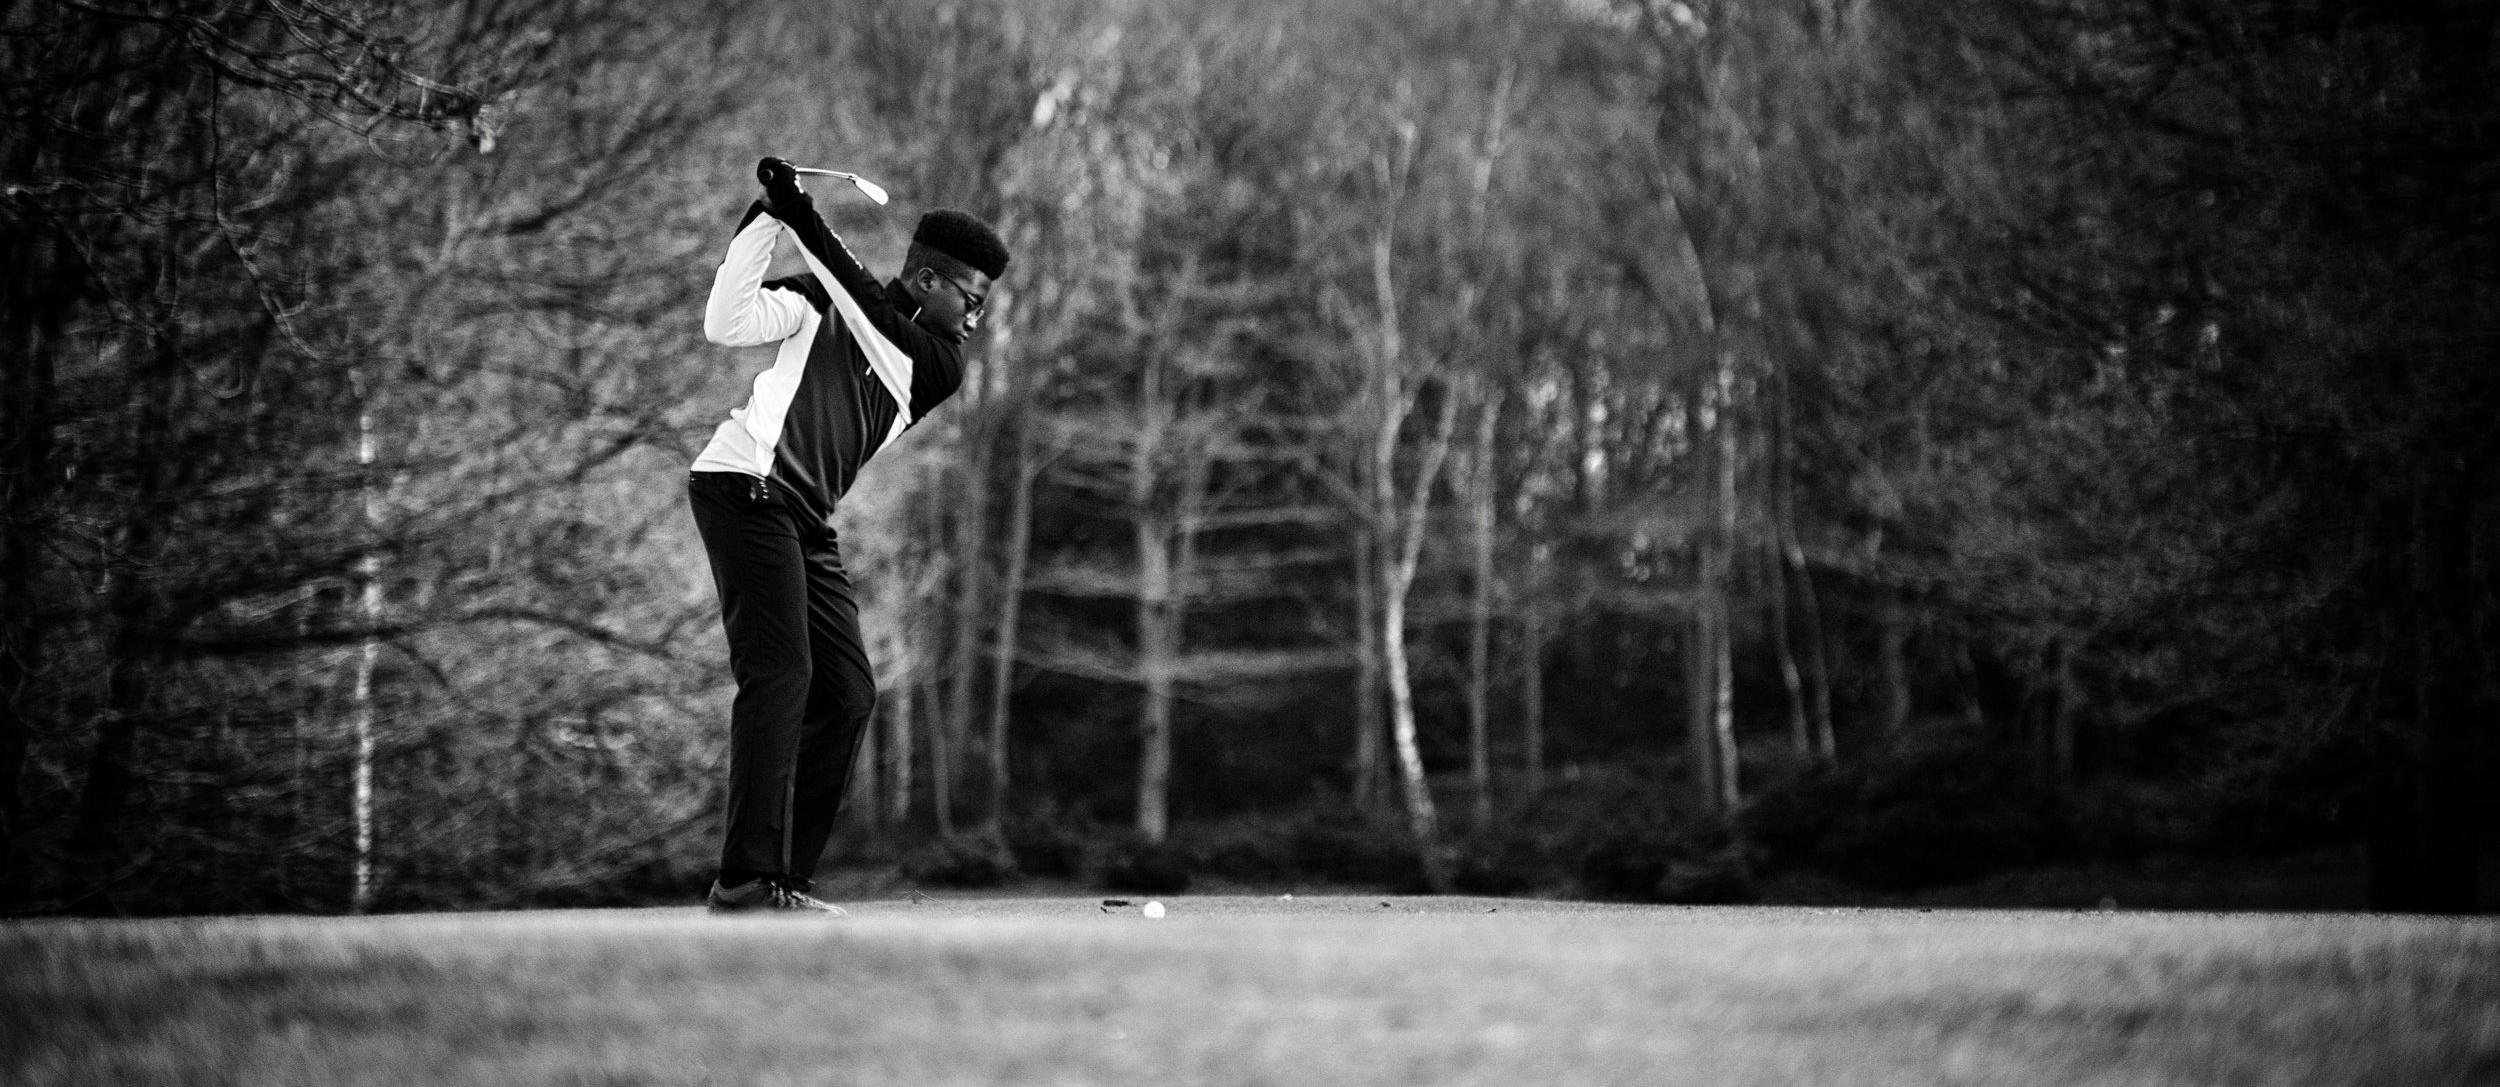 Sarfo Golf Wharton Park Aniko Towers Photo 2k pre6-8.jpg